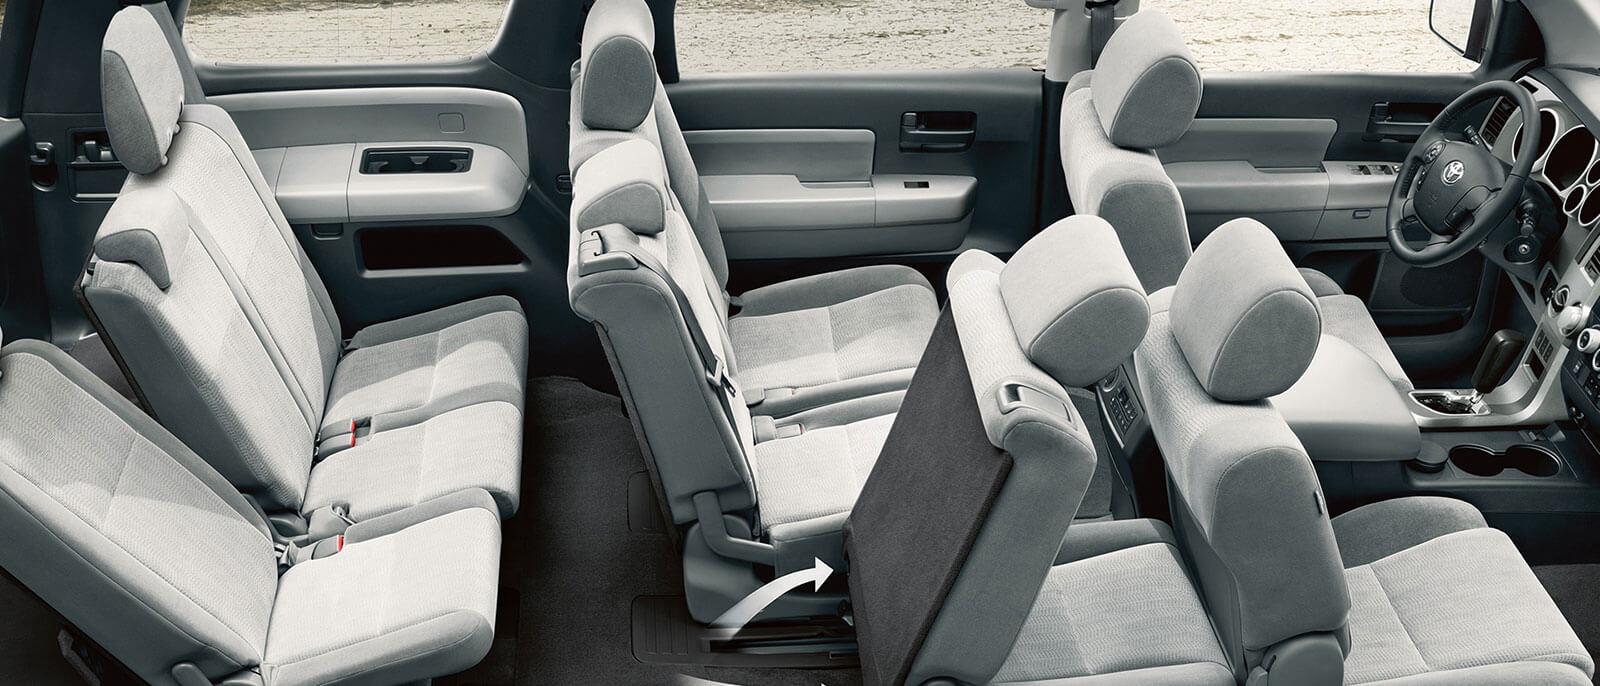 2017 Toyota Sequoia interior seating